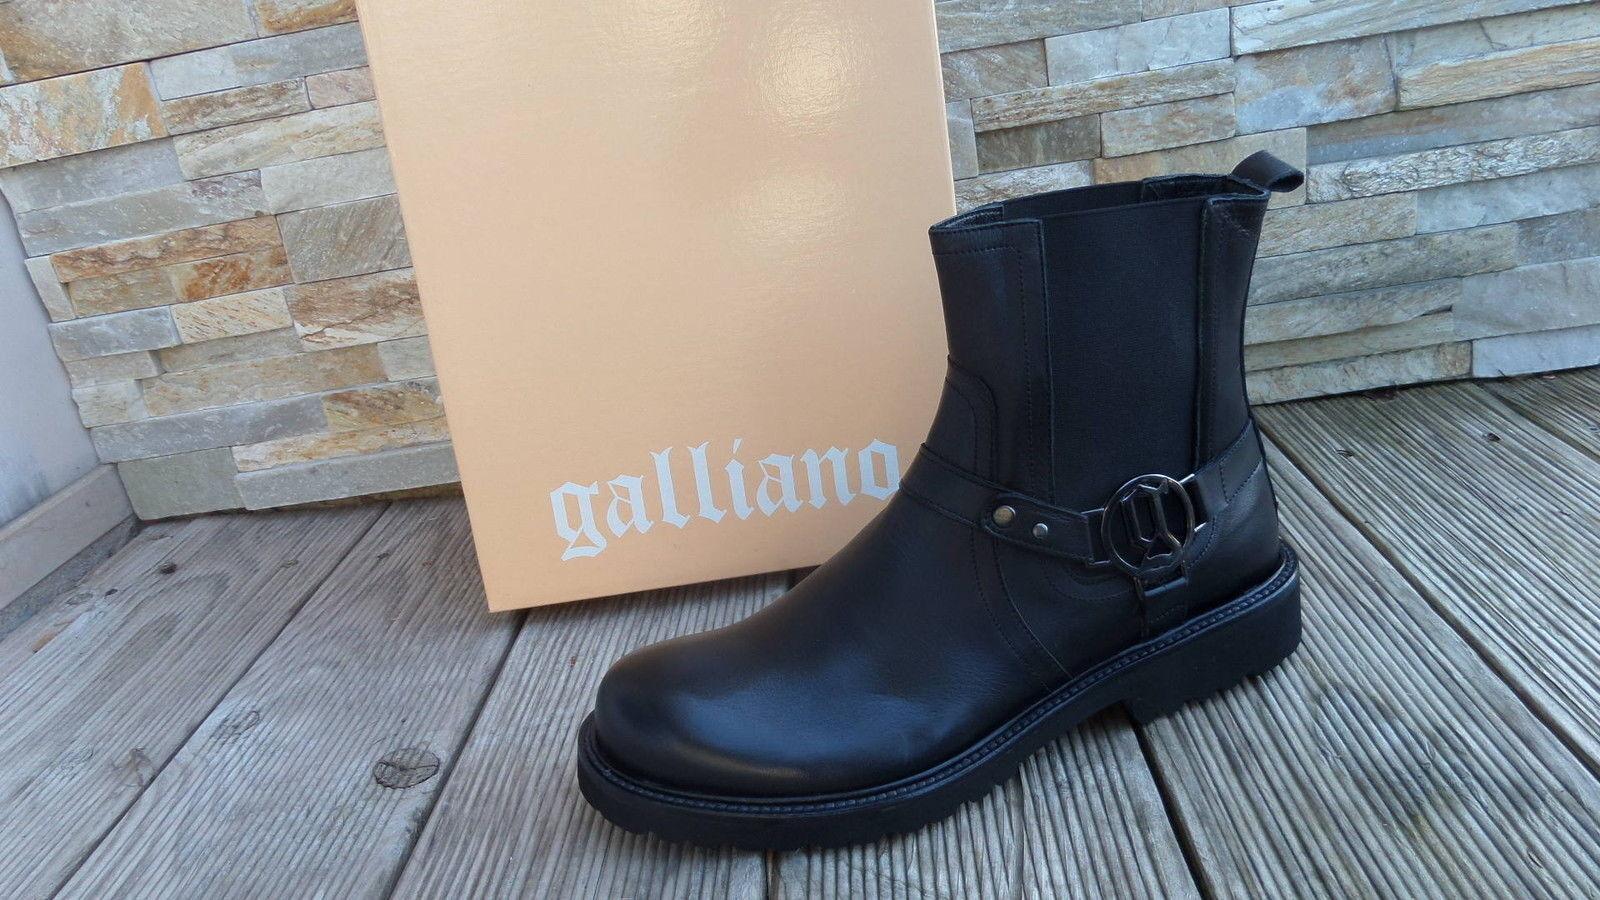 Galliano Botines botas Botines Zapatos Negros Nuevo Antiguo